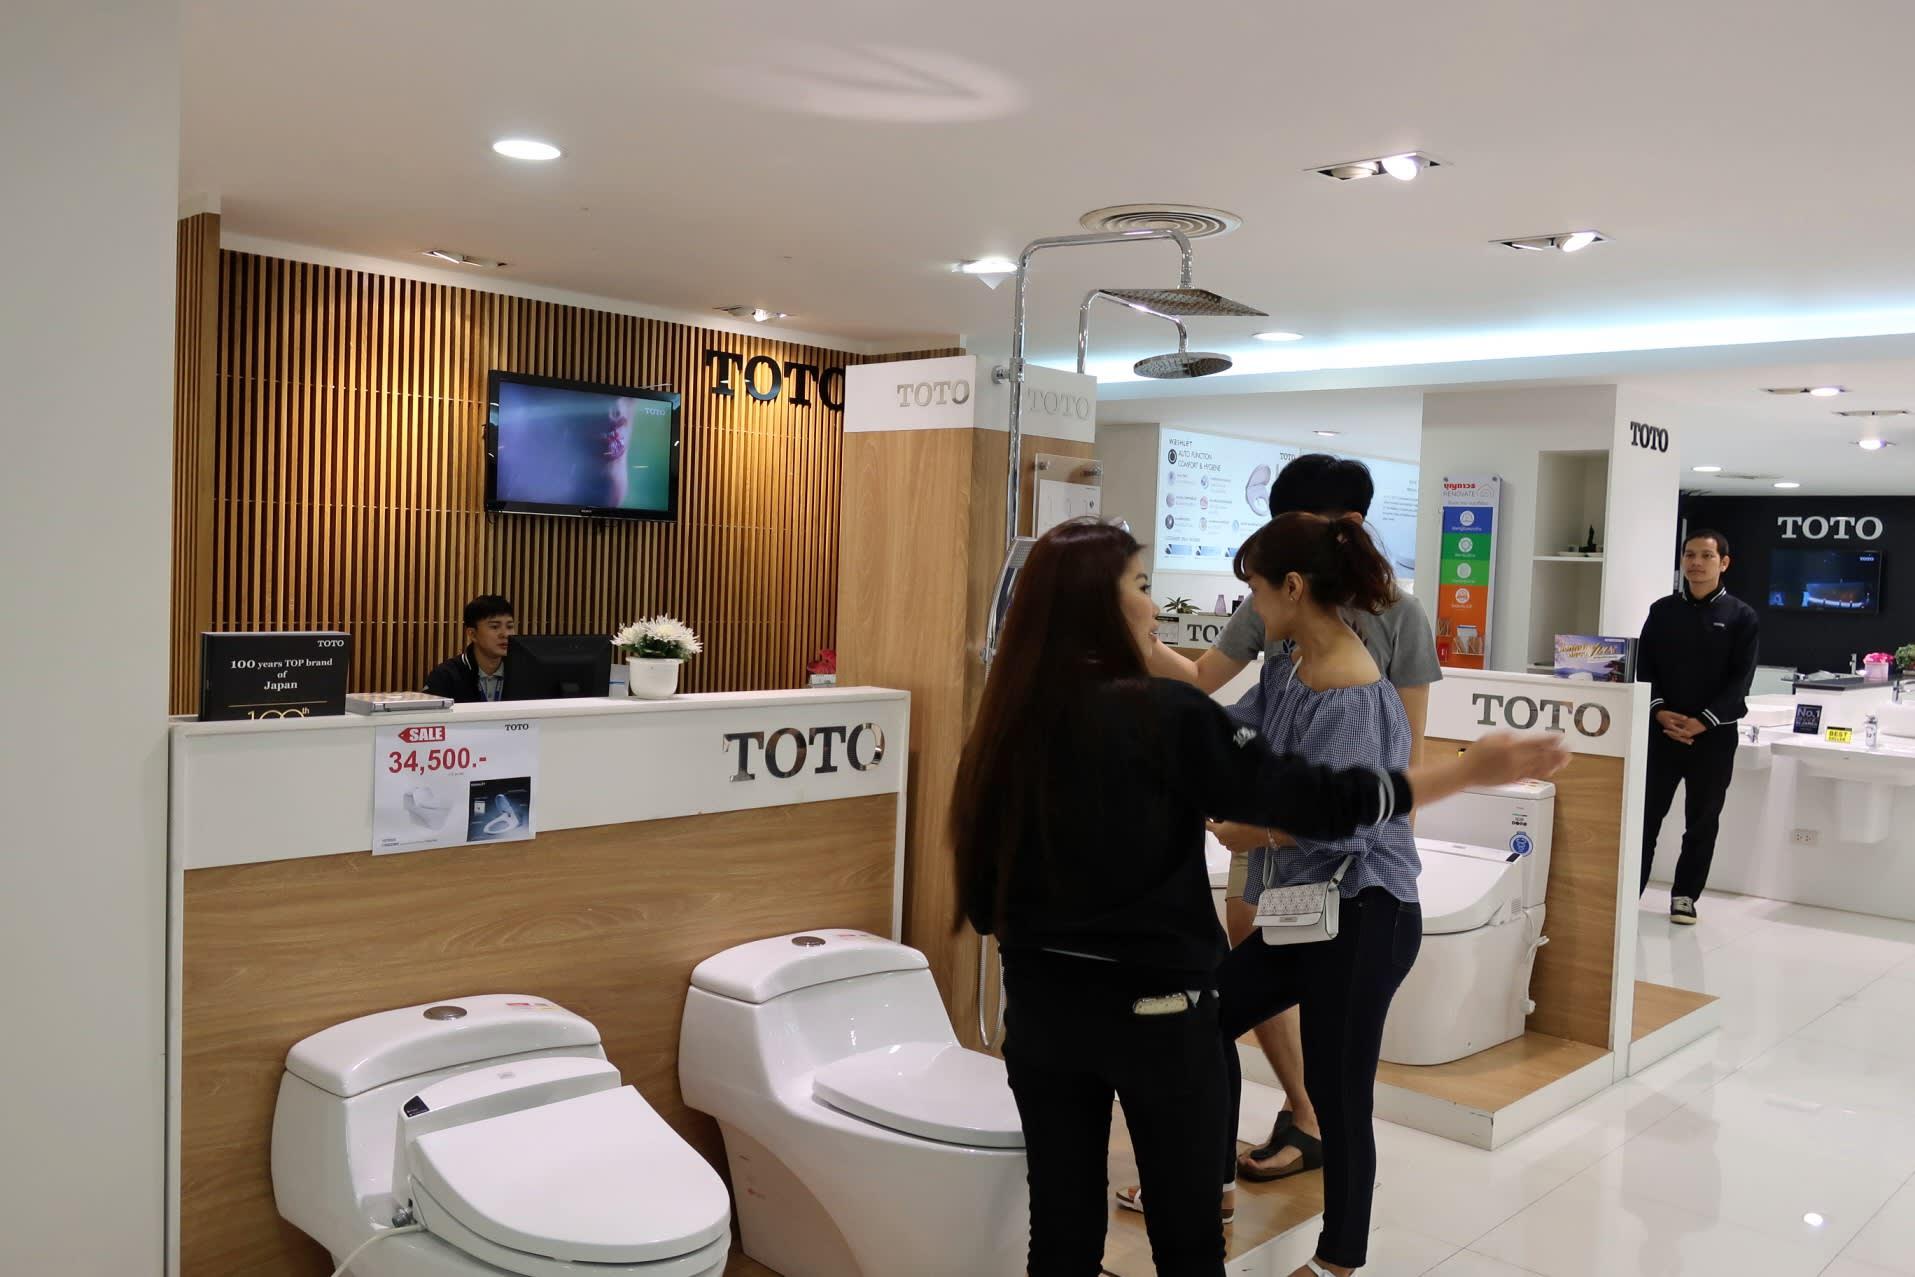 Thai retailer readies army of modern toilet installers - Nikkei ...